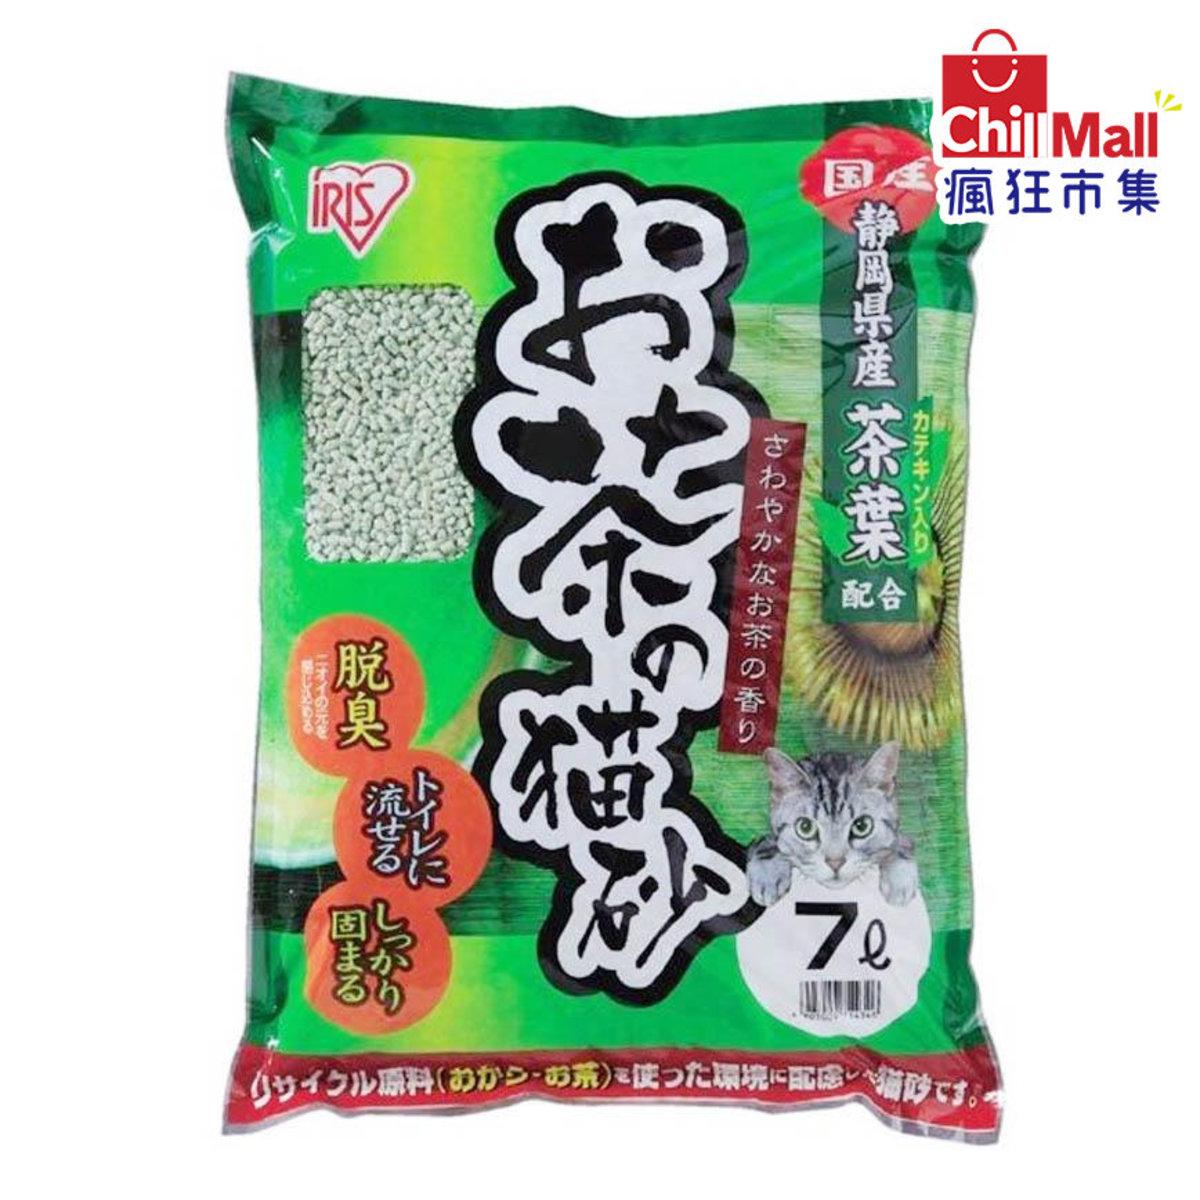 【豆腐貓砂】日本IRIS 靜岡縣產綠茶豆腐貓砂 7L 9714346